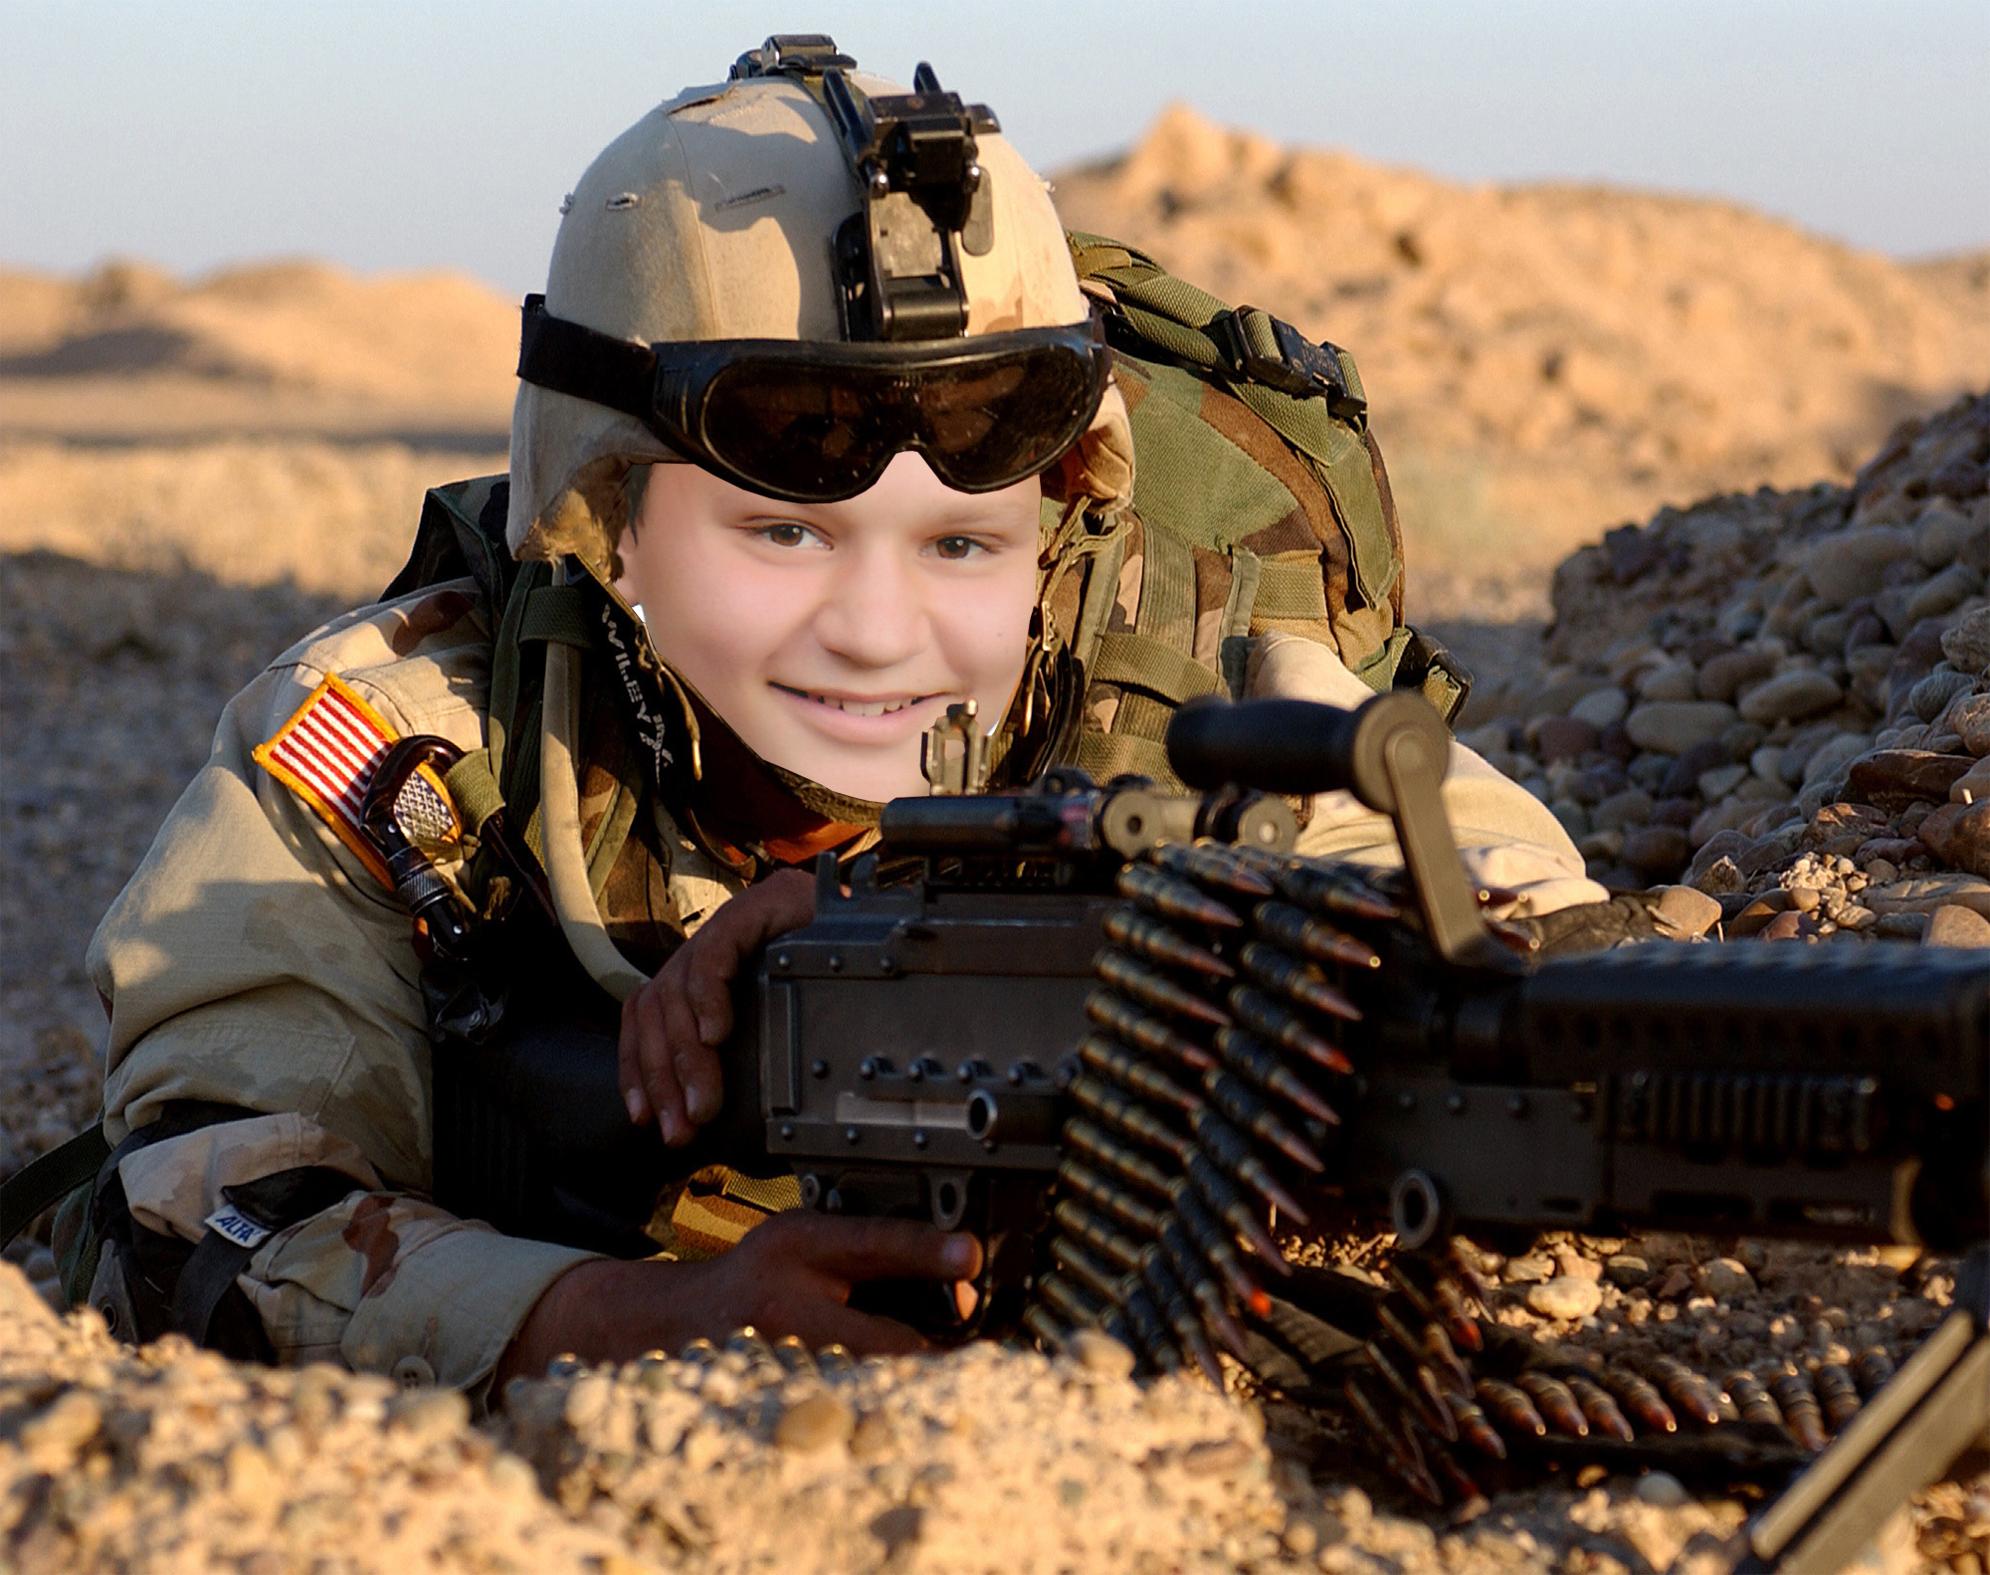 Разных картинка военные в фотошоп объявления шлюхи комсомольск